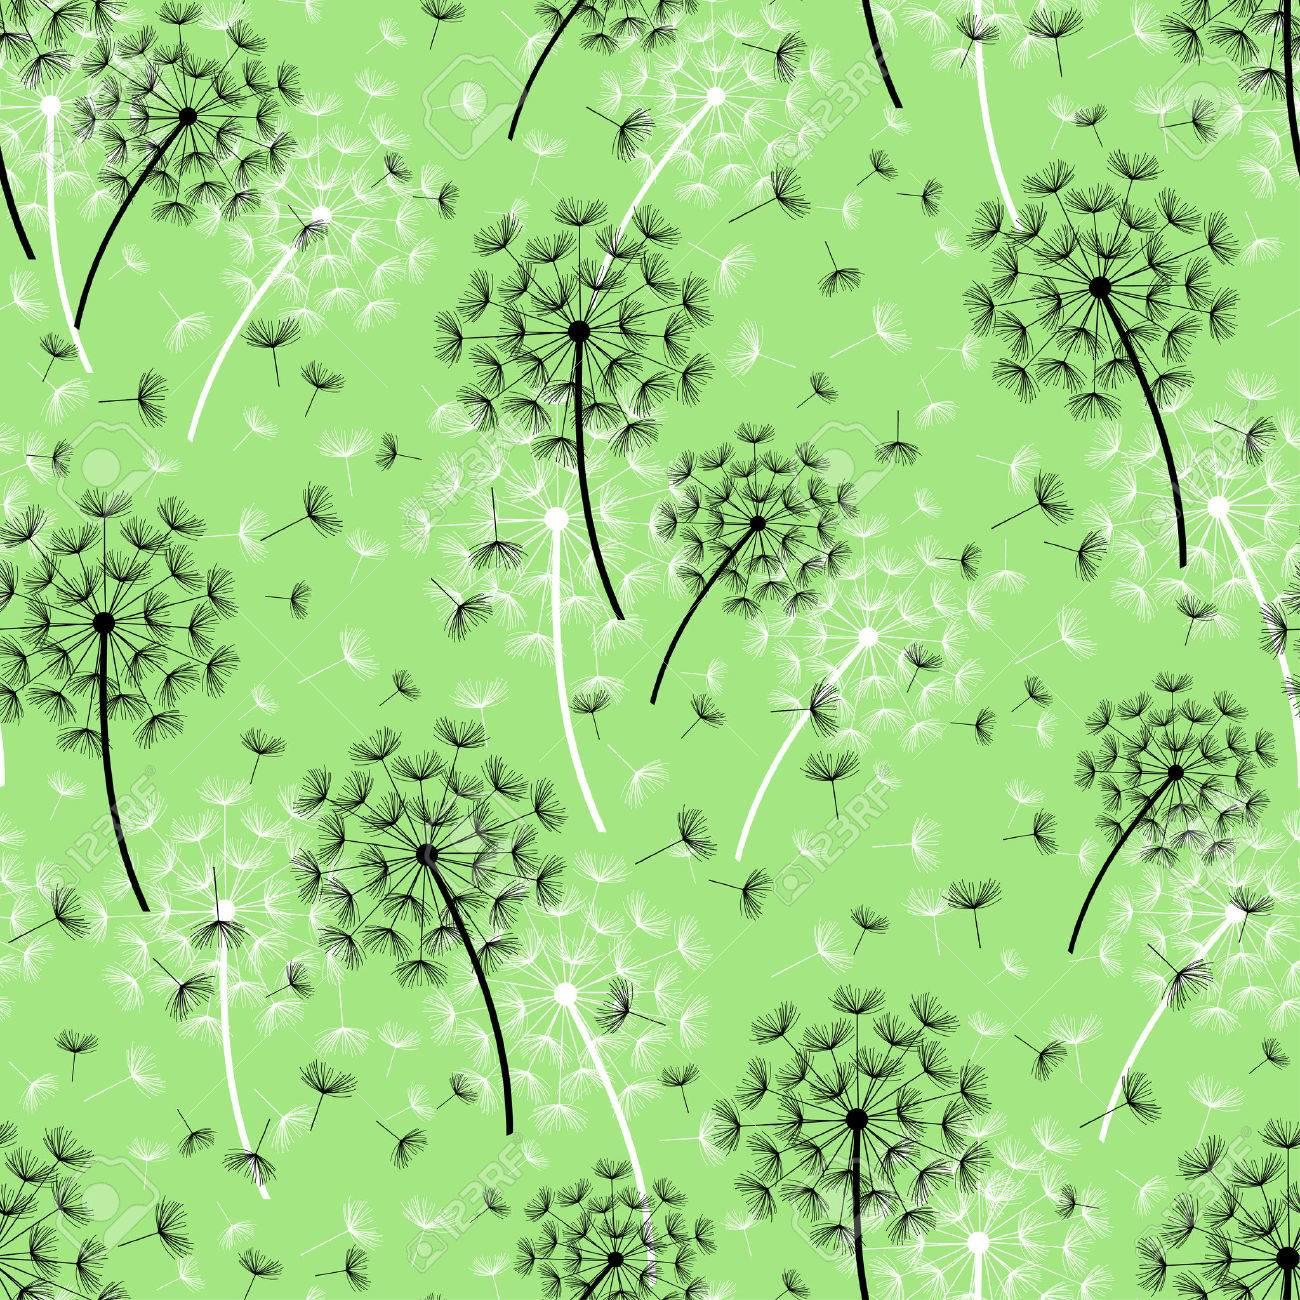 緑の背景のシームレスなパターンを美しい自然と黒 白たんぽぽと空飛ぶ